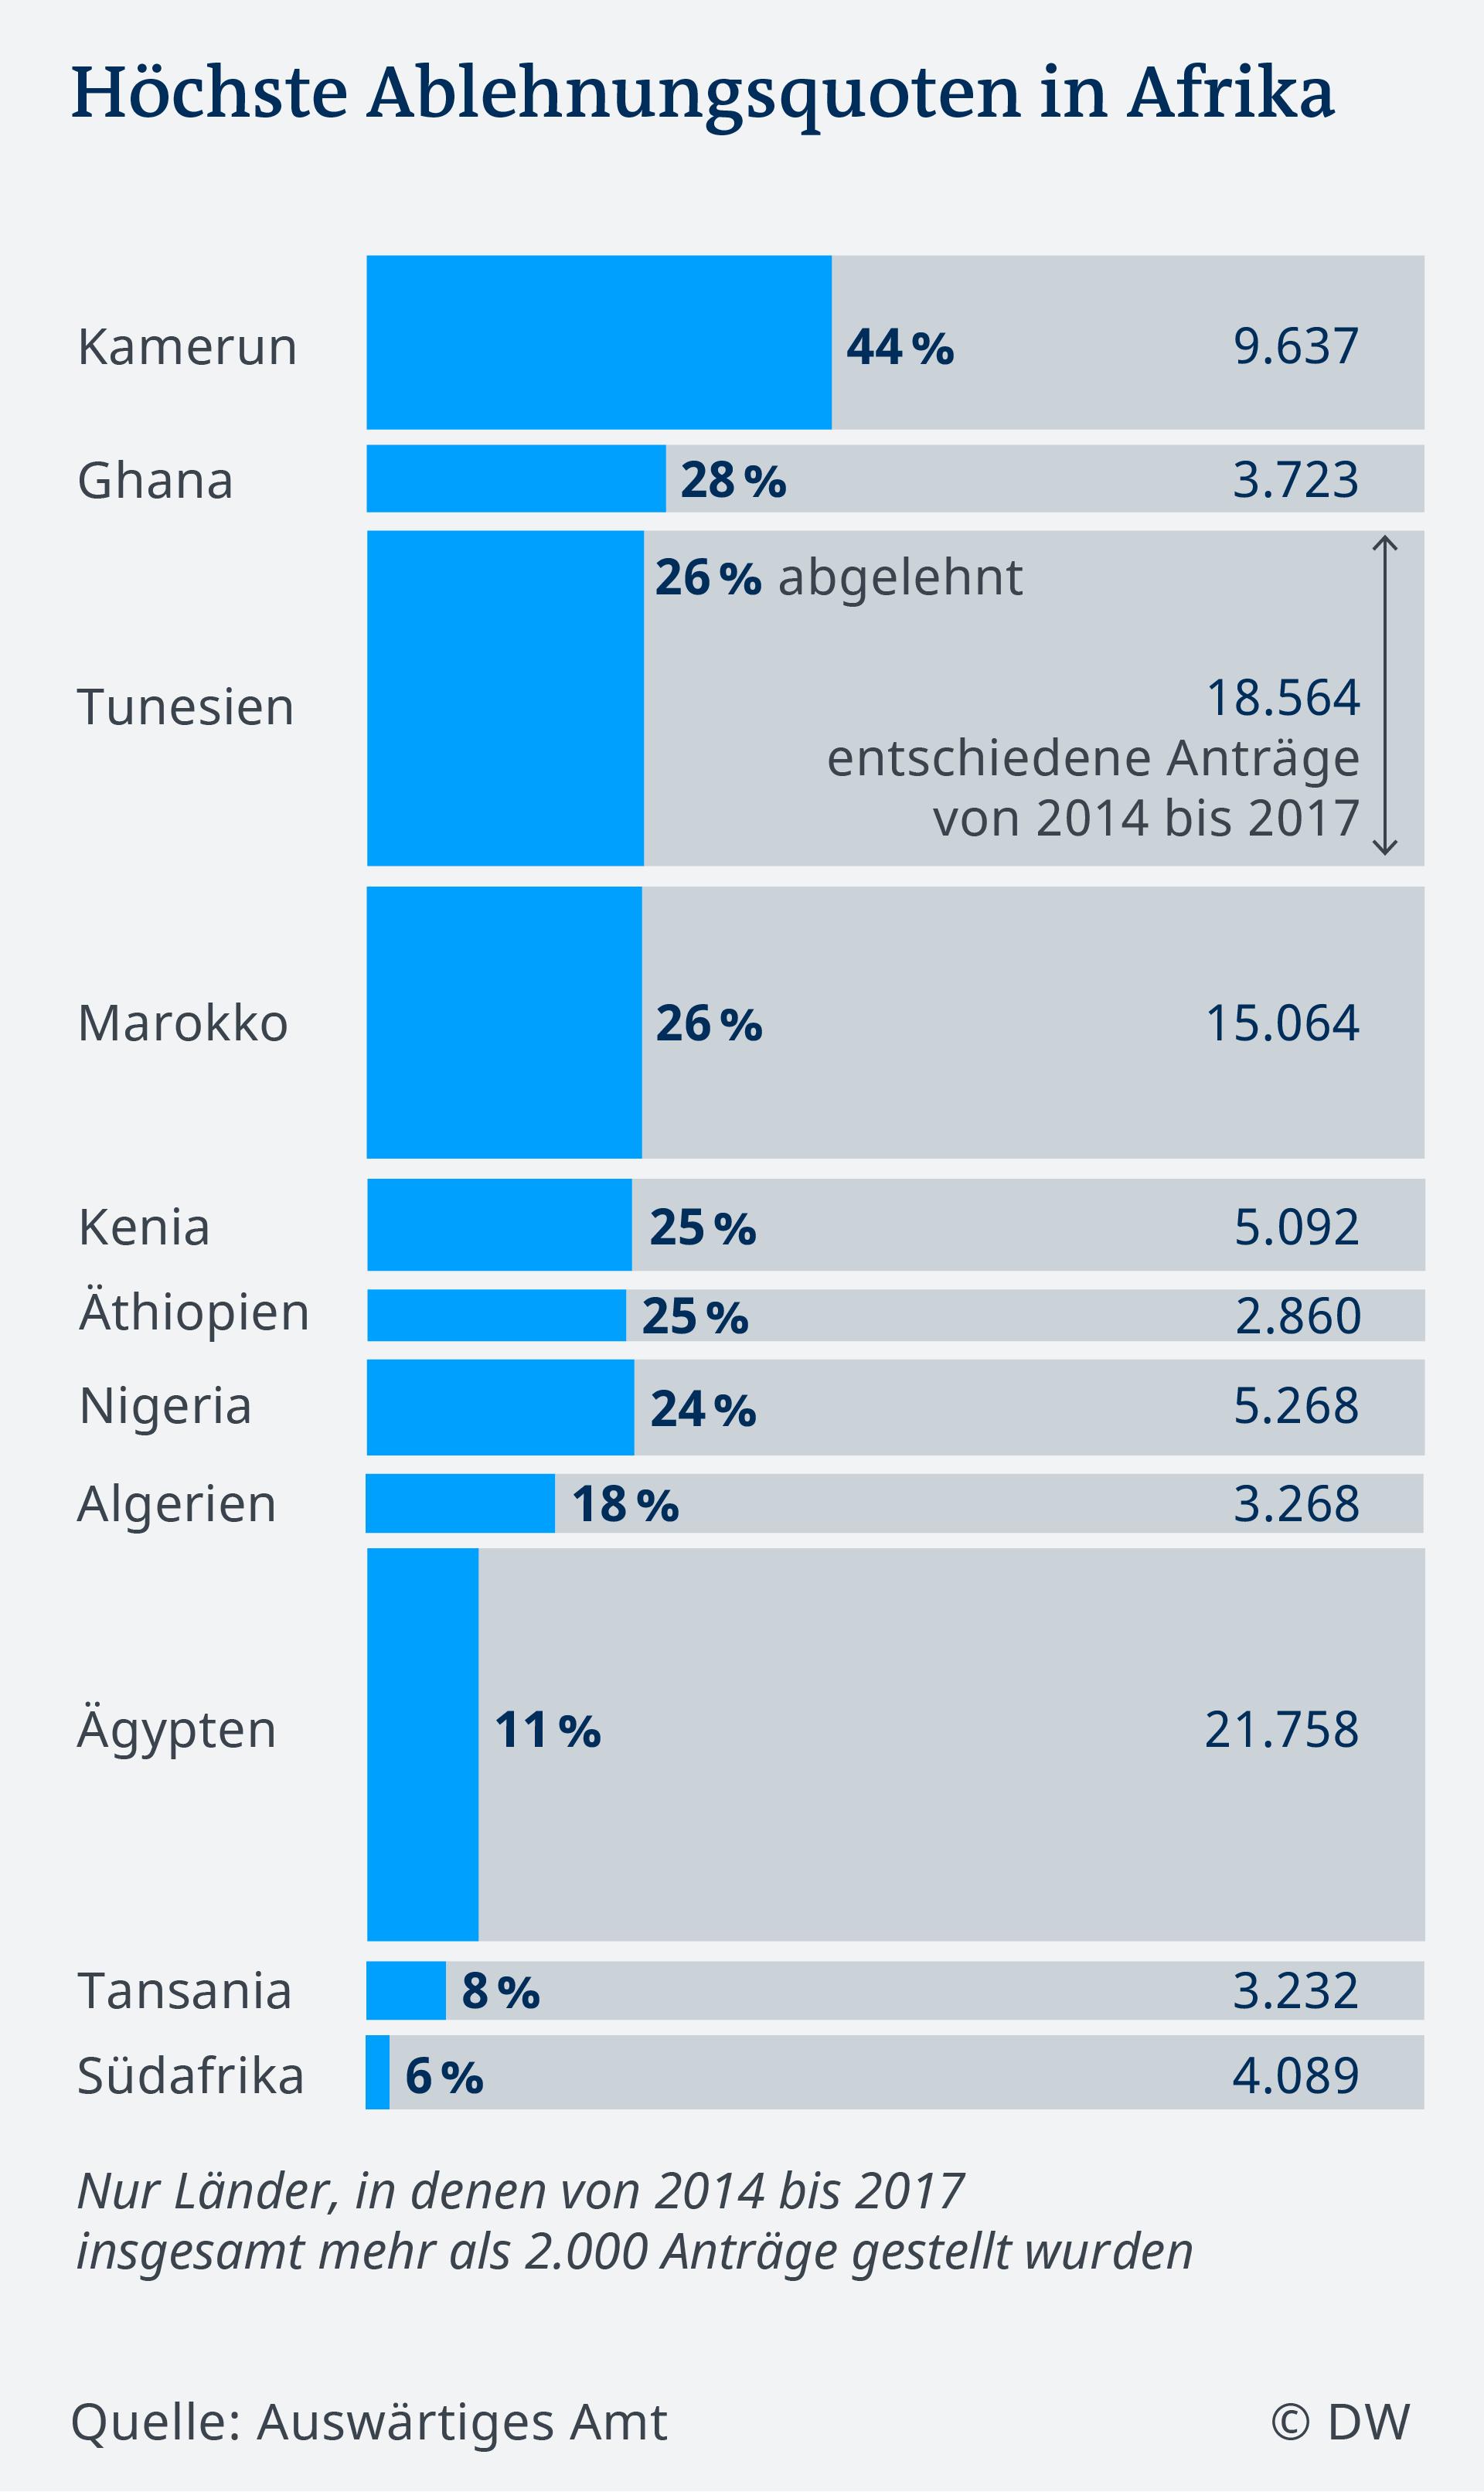 Die Ablehnungsquoten in Afrika variieren stark